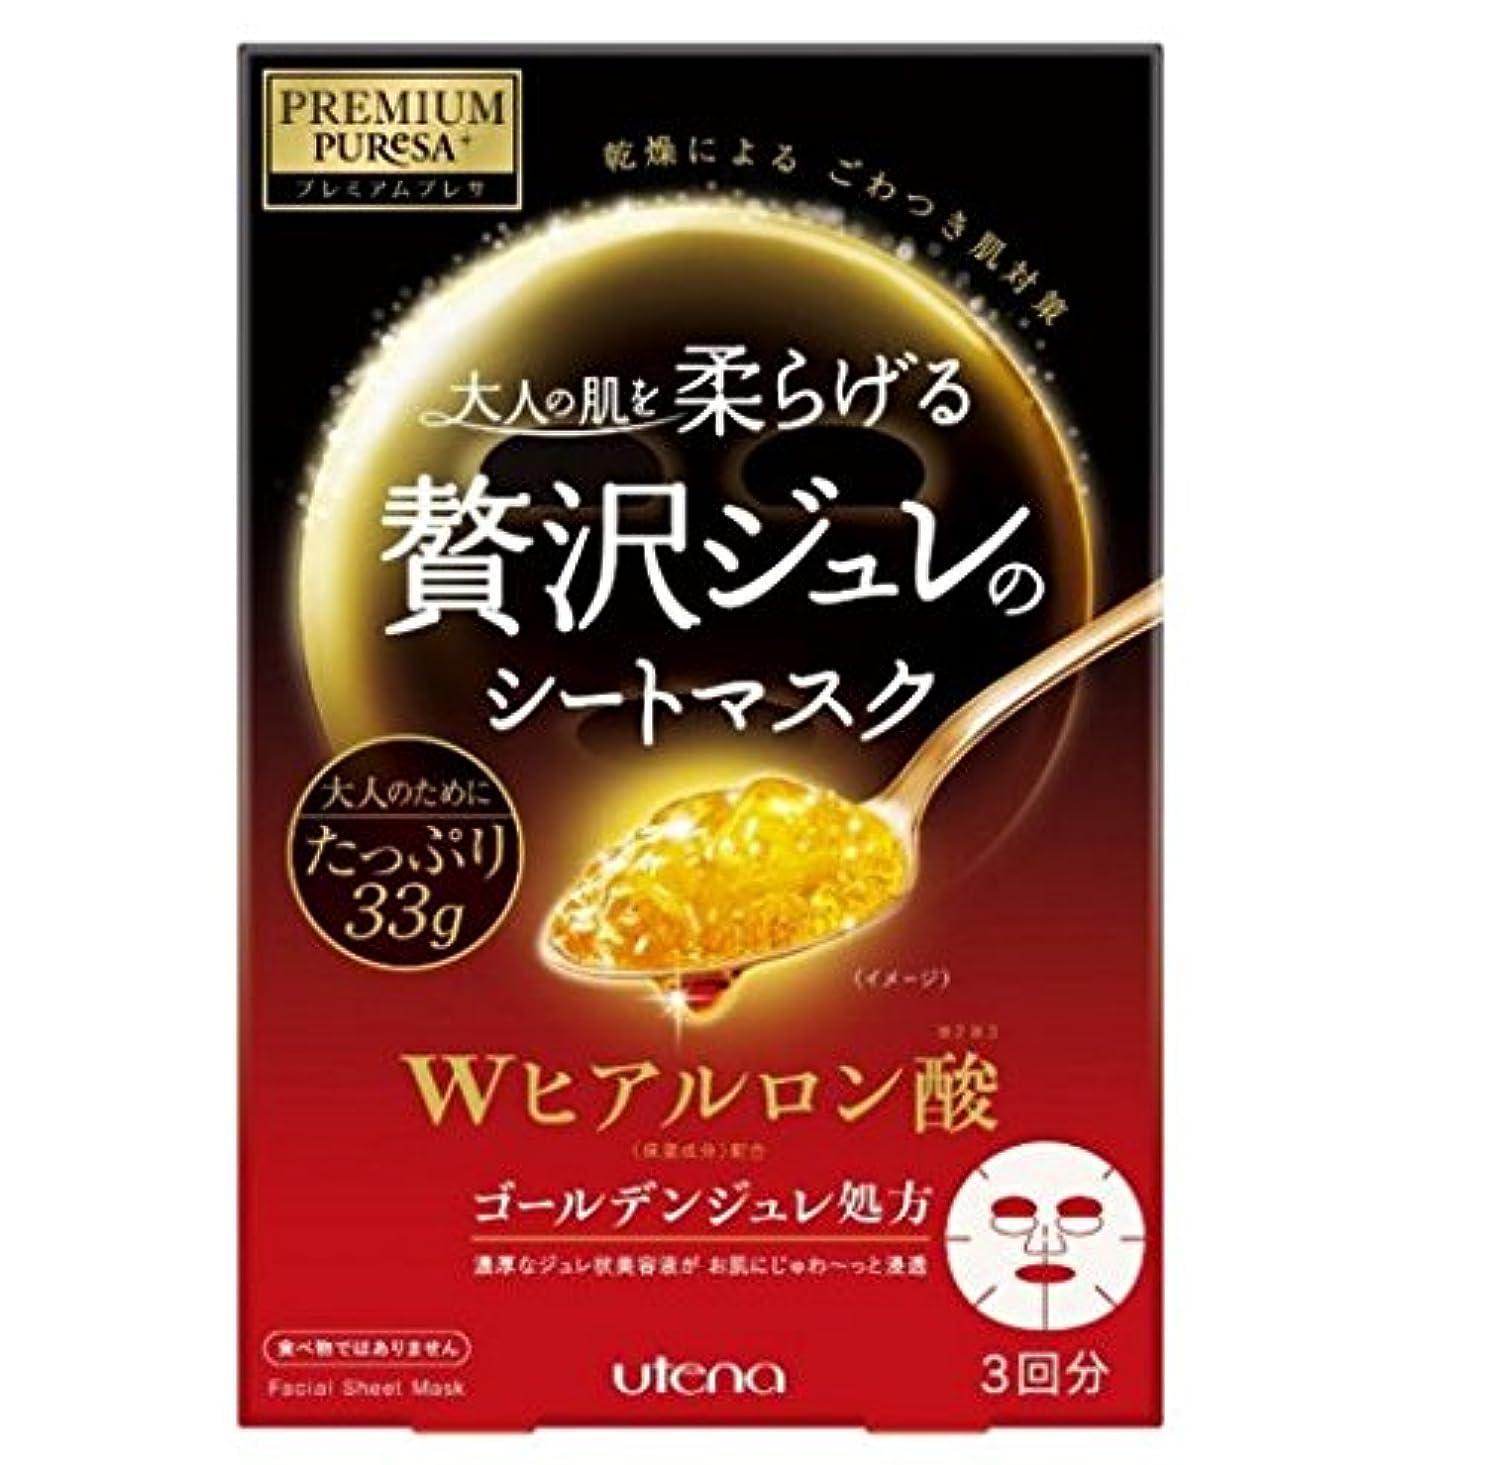 バブルヒューマニスティック植生PREMIUM PUReSA(プレミアムプレサ) ゴールデンジュレマスク ヒアルロン酸 33g×3枚入 36個セット